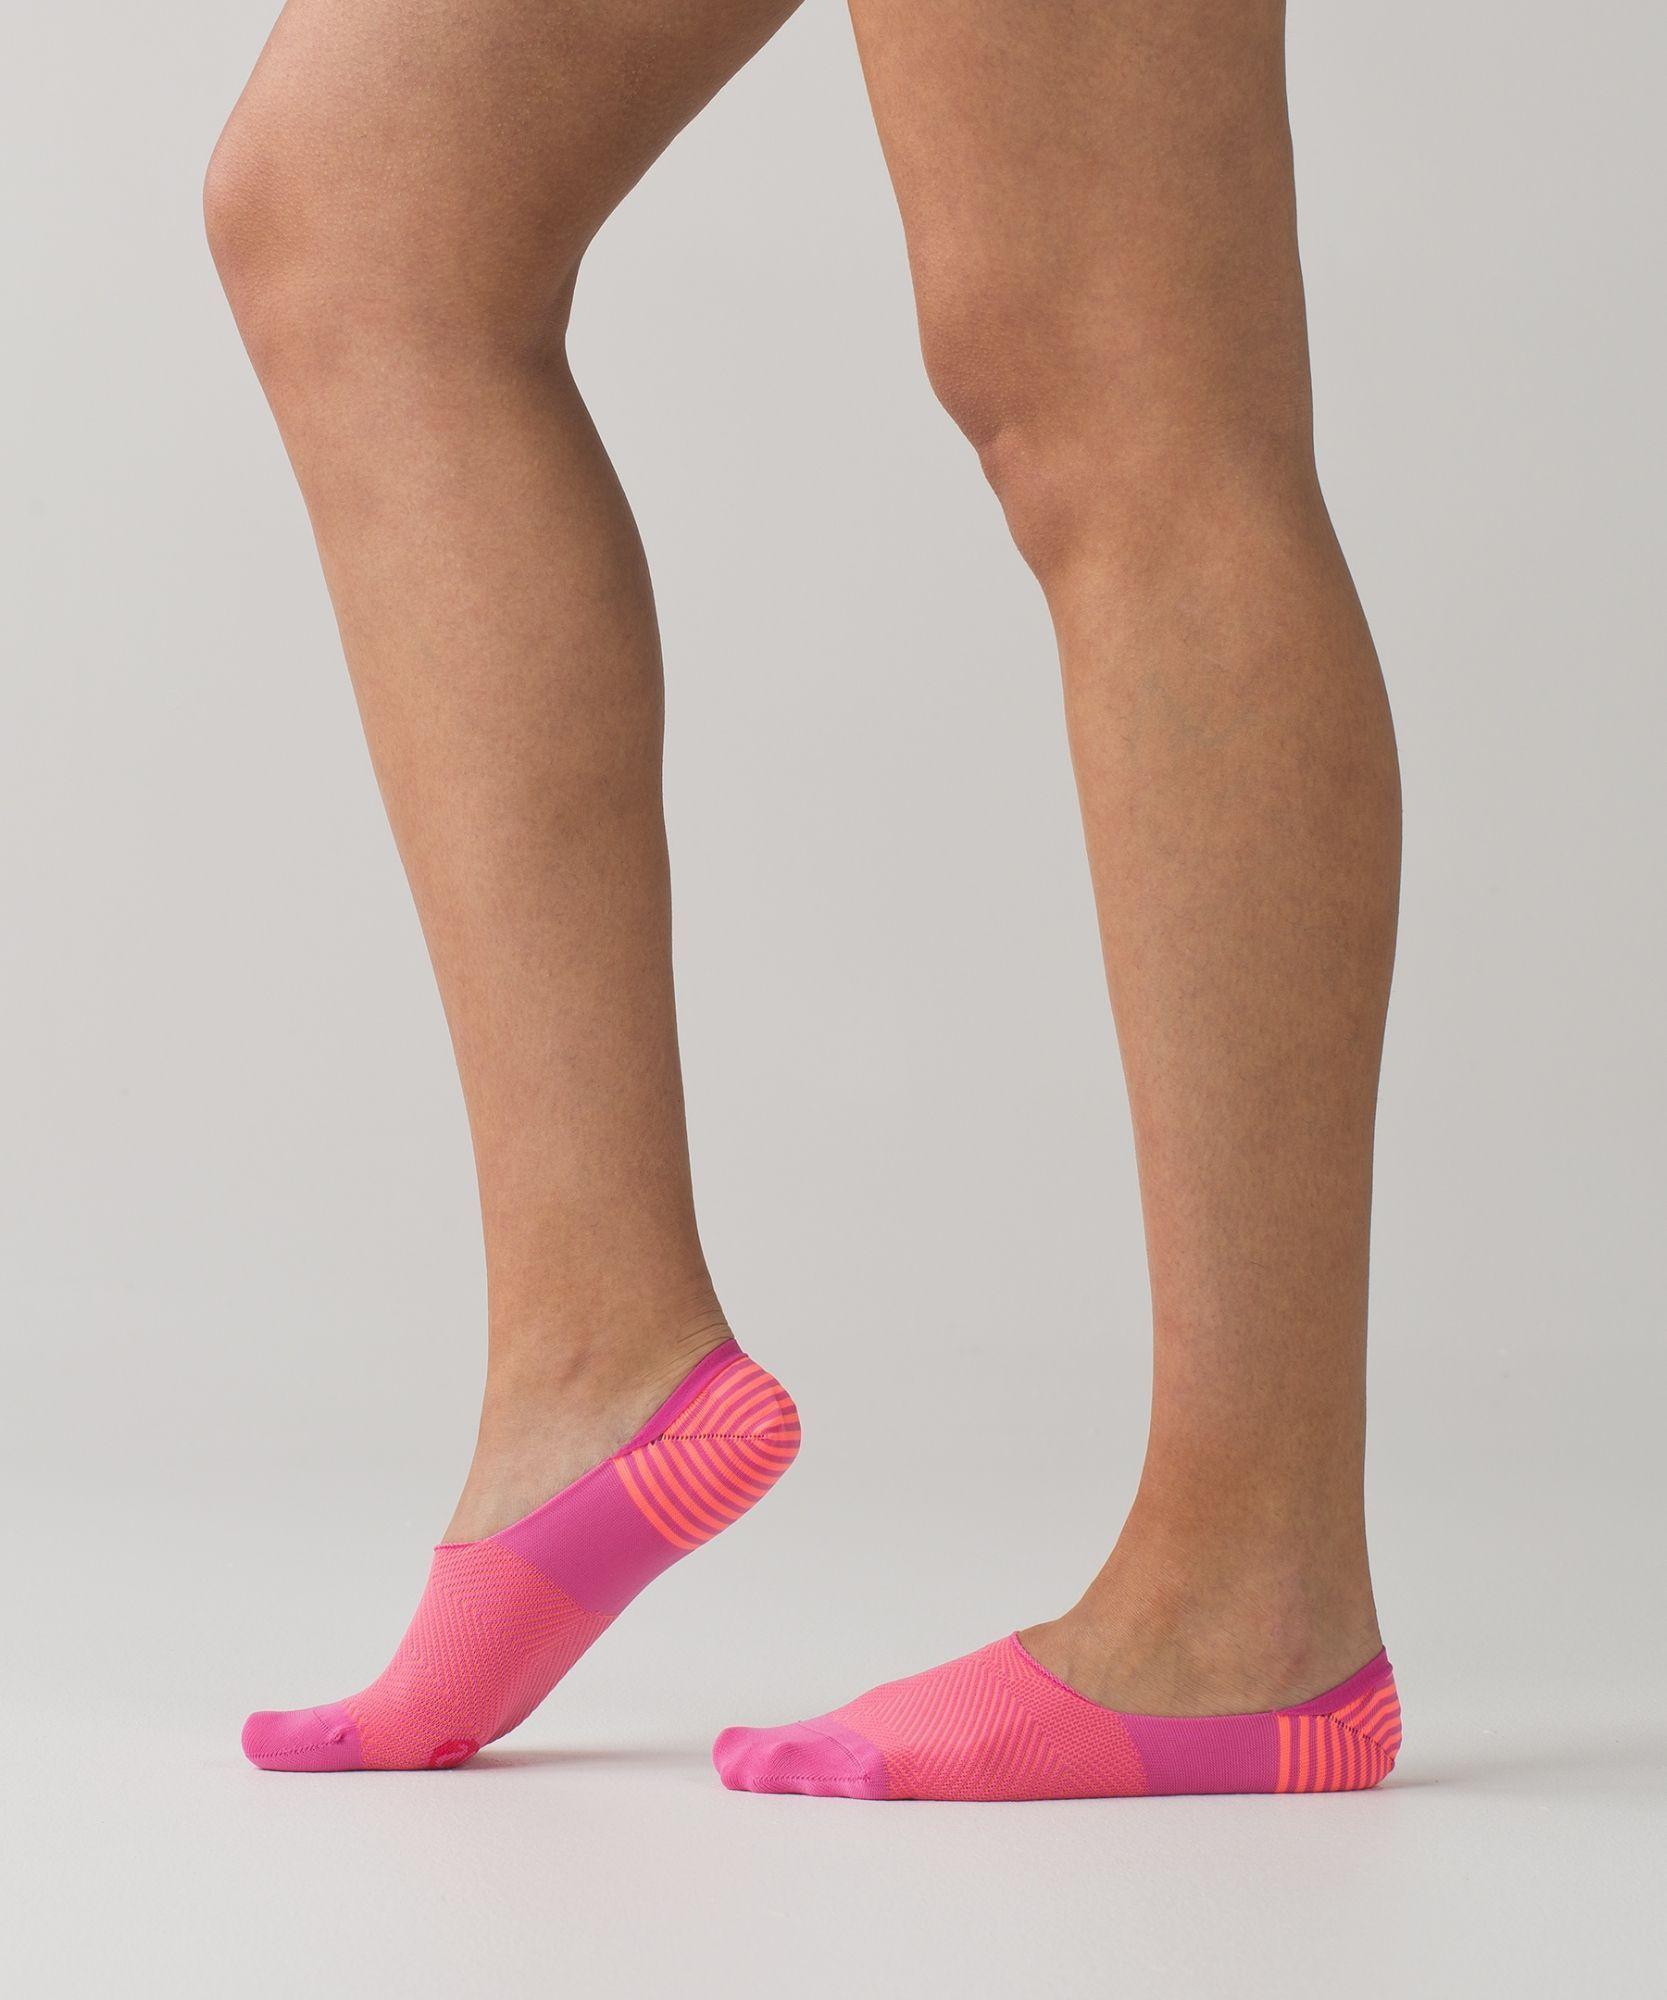 Women's Yoga Socks - Secret Sock - lululemon | Socks women, Wicking socks,  Socks